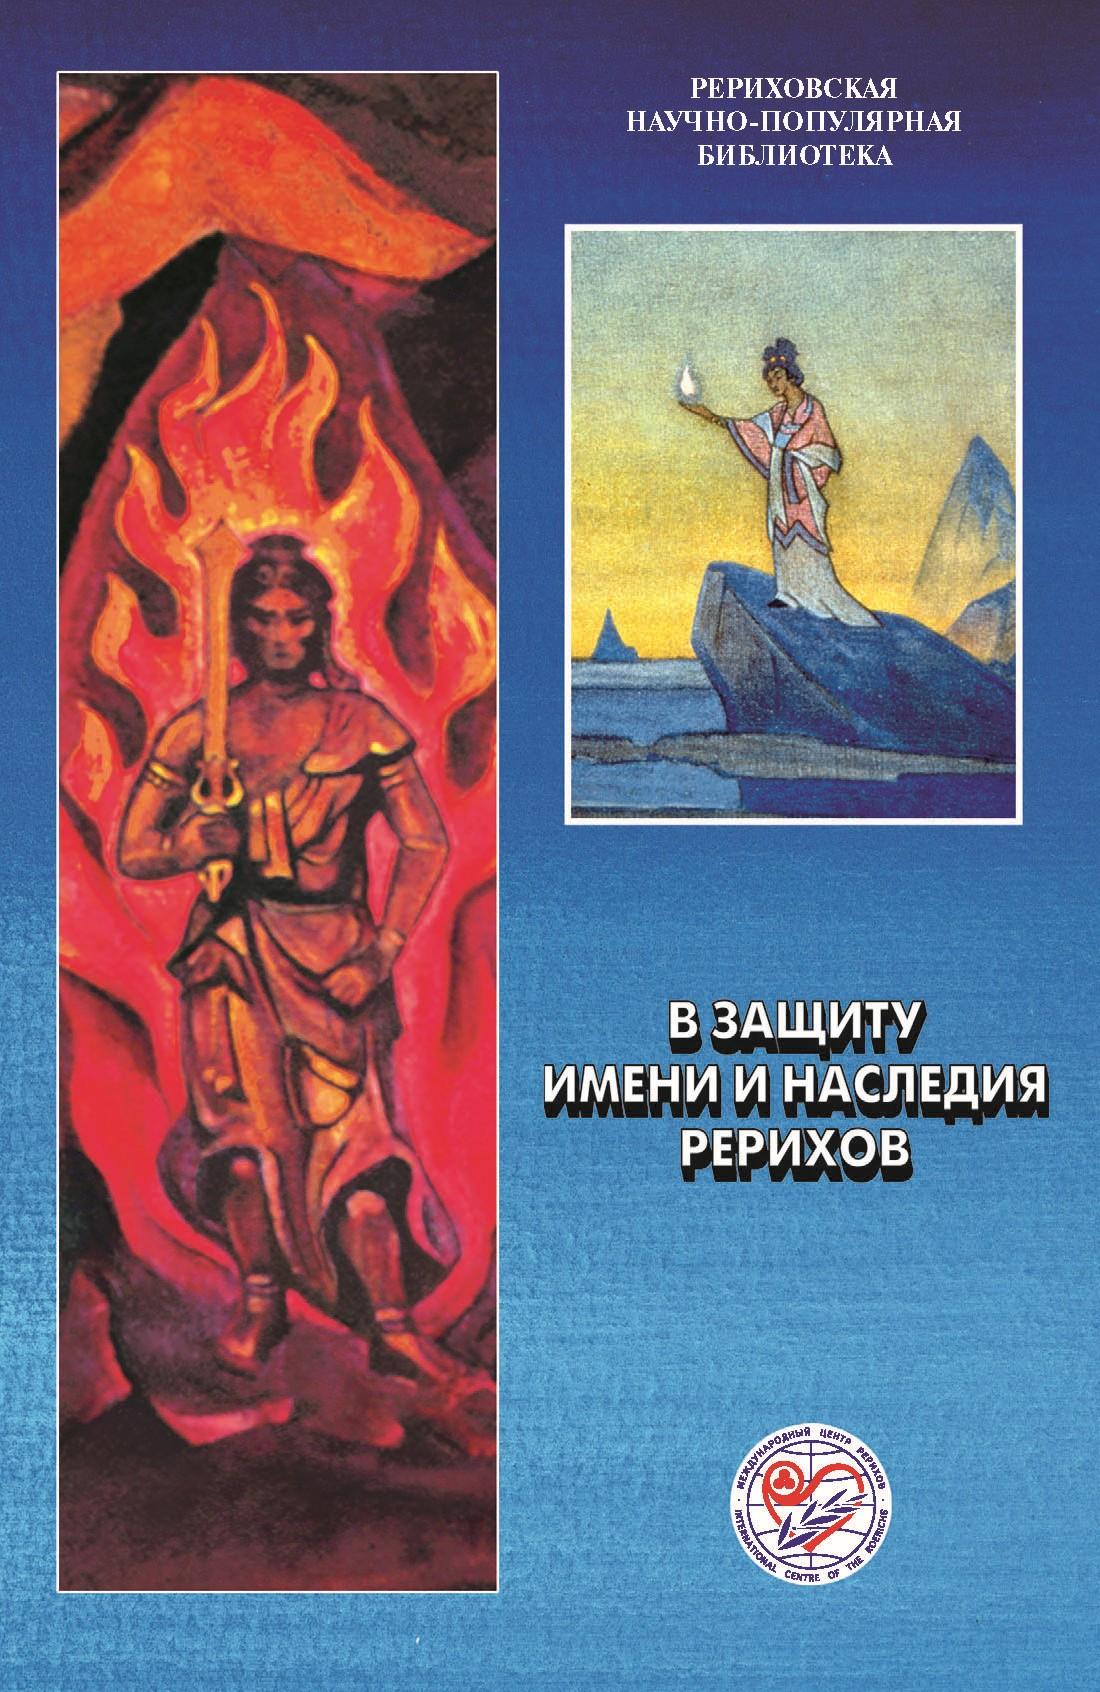 В защиту имени и наследия Рерихов. Материалы международной научно-общественной конференции. 2001